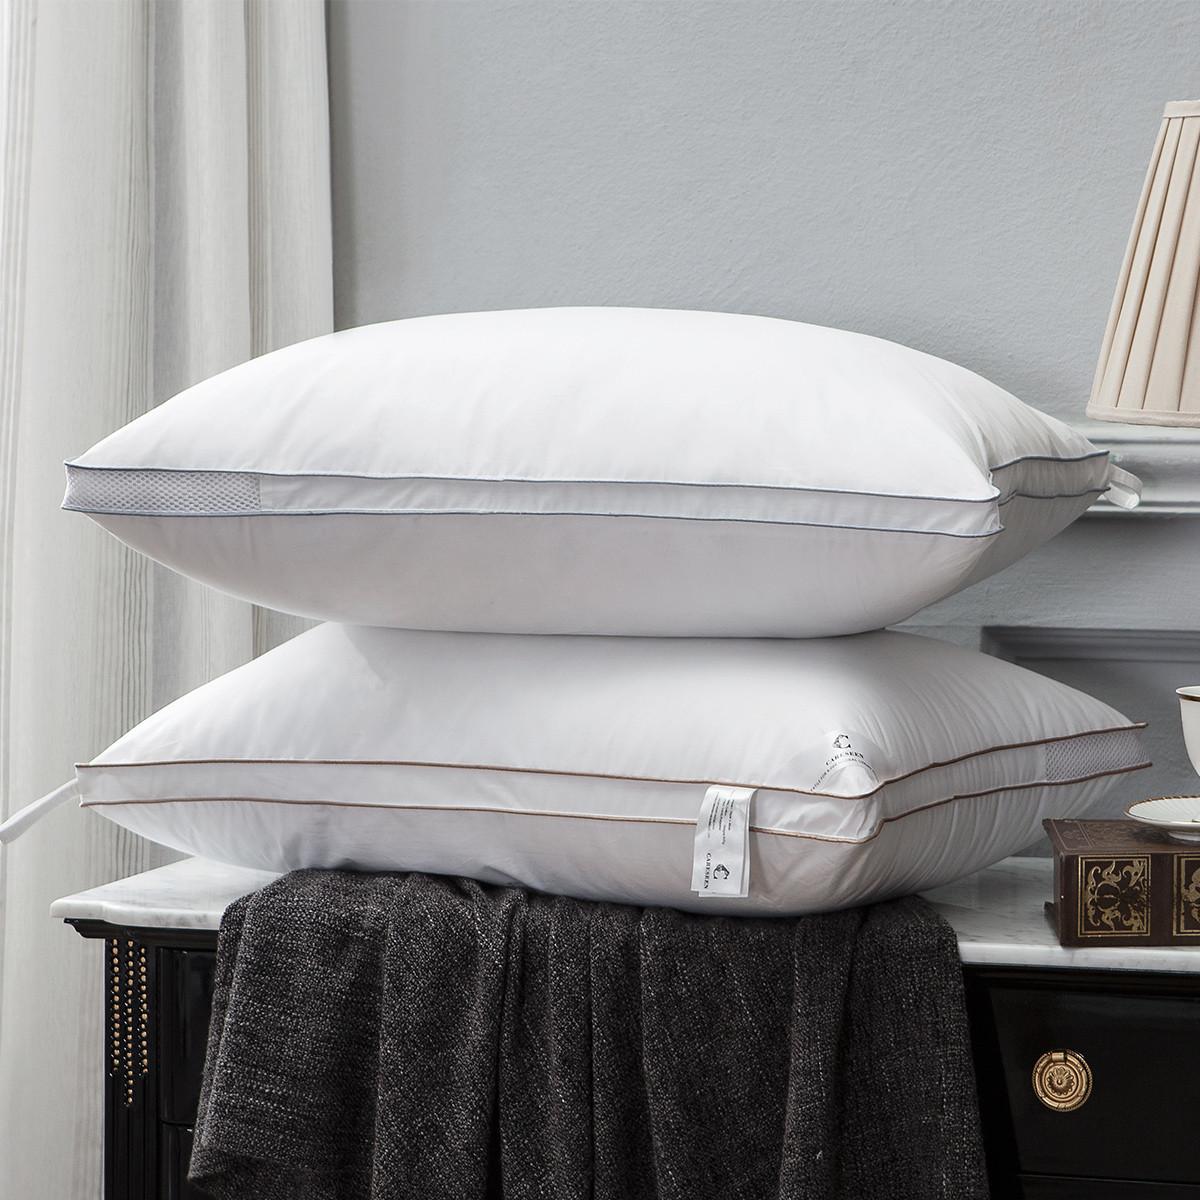 康尔馨五星级酒店枕头全棉面料透气柔软回弹护颈枕芯6925601517839